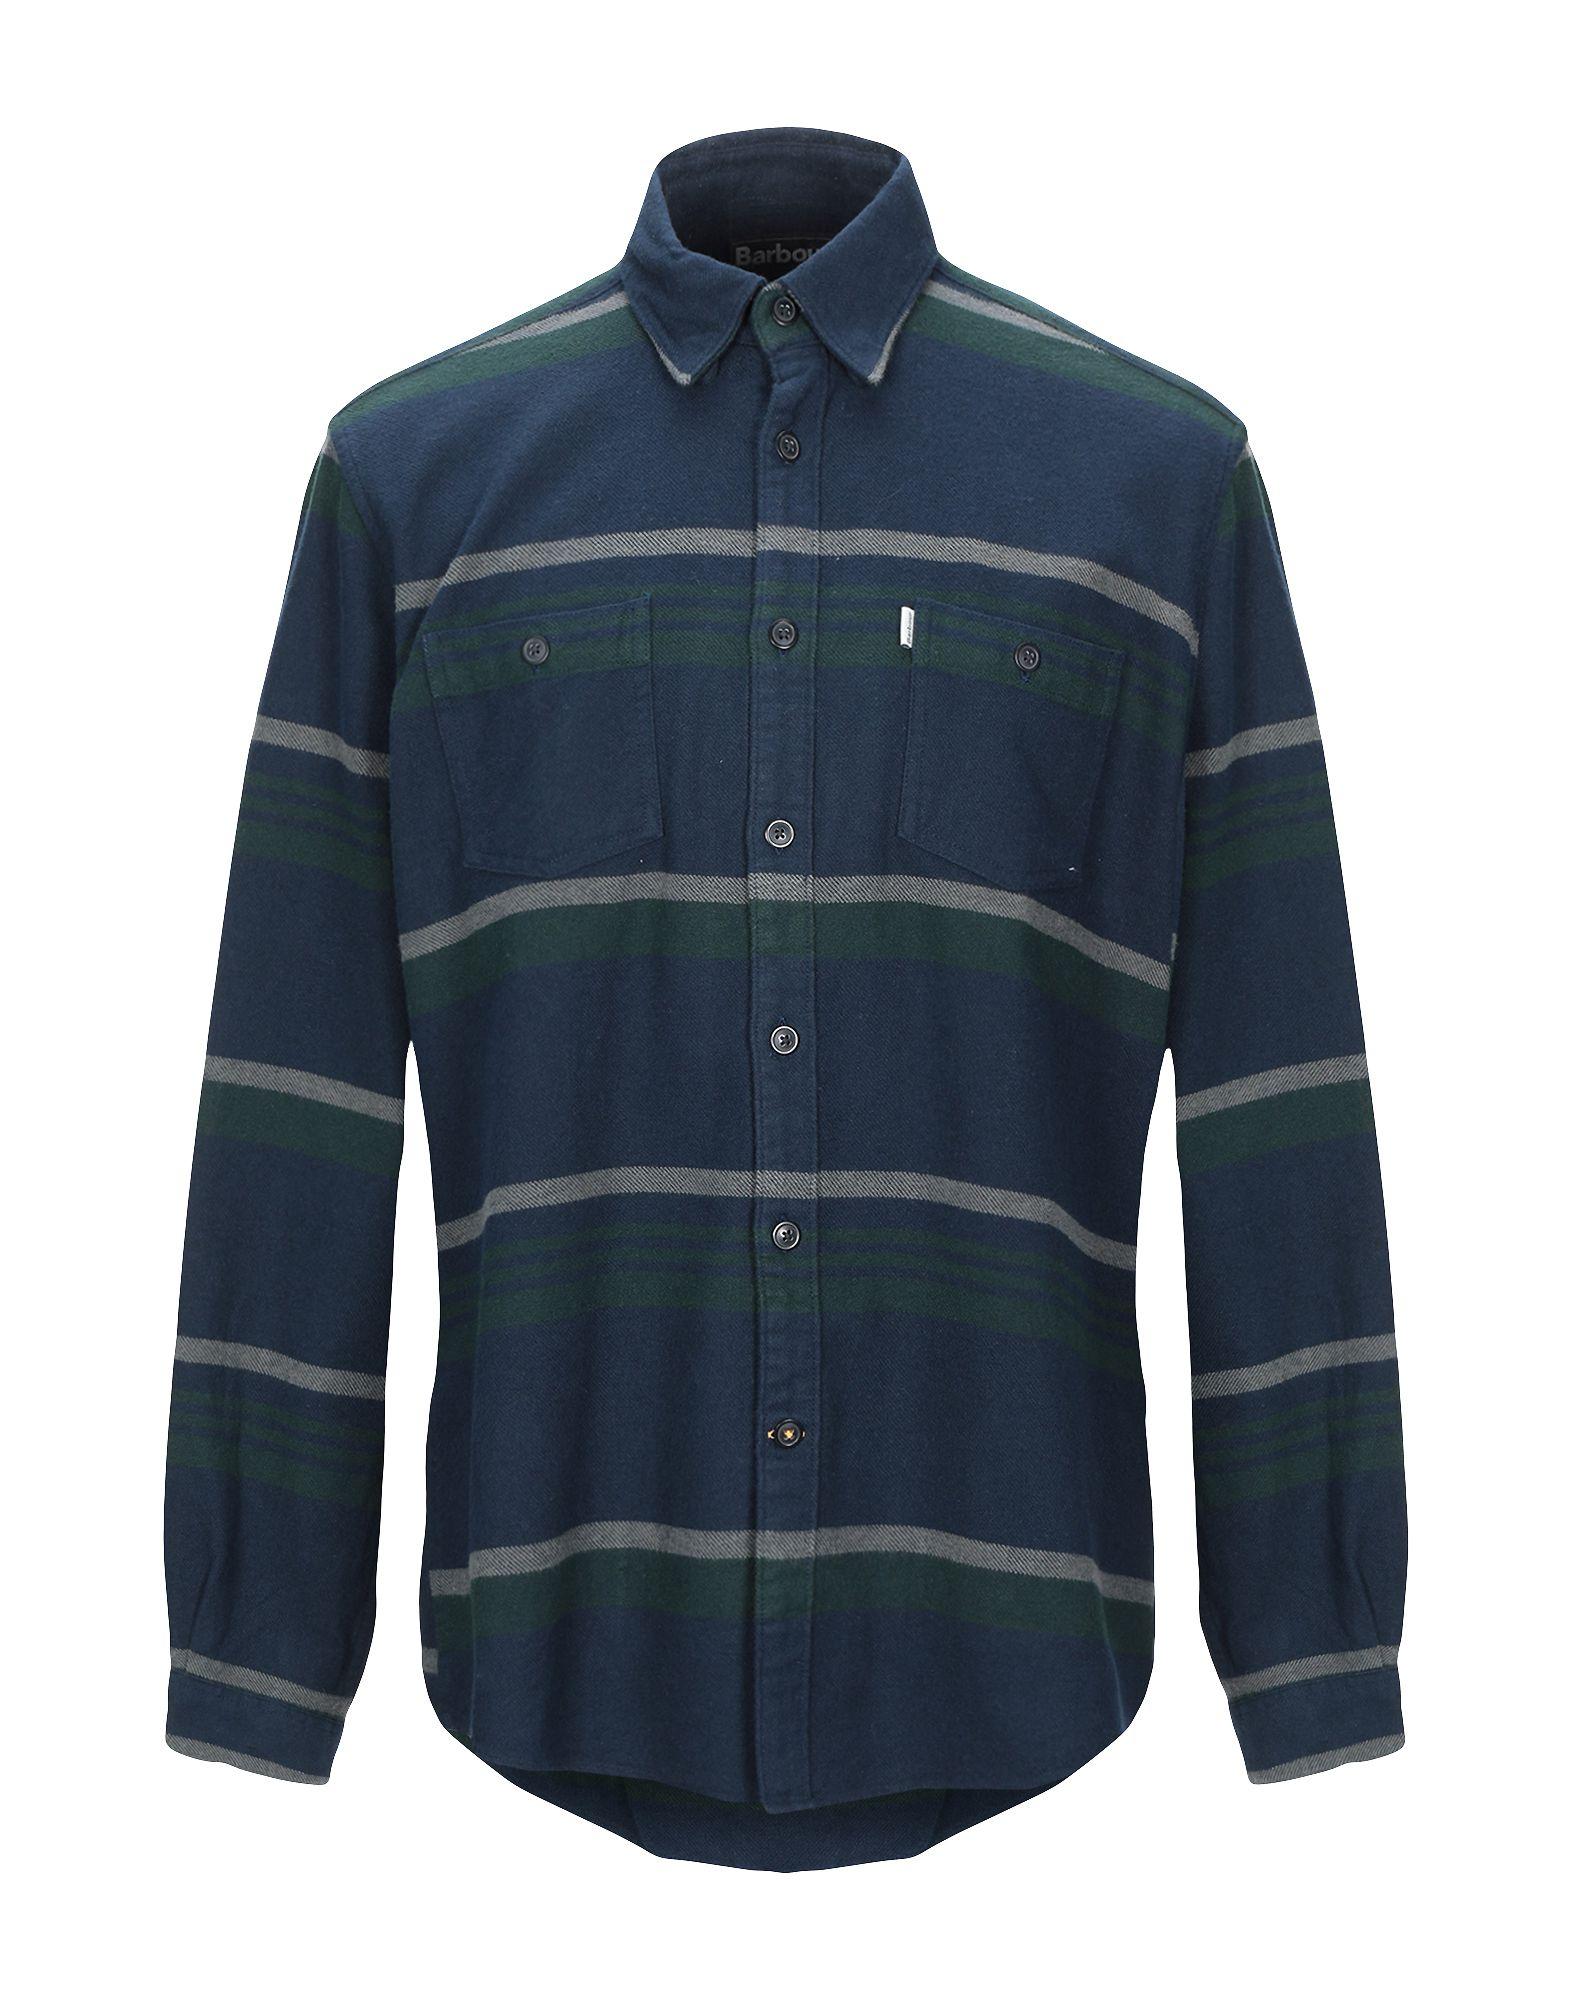 BARBOUR Pубашка футболка barbour lts0192 wh11